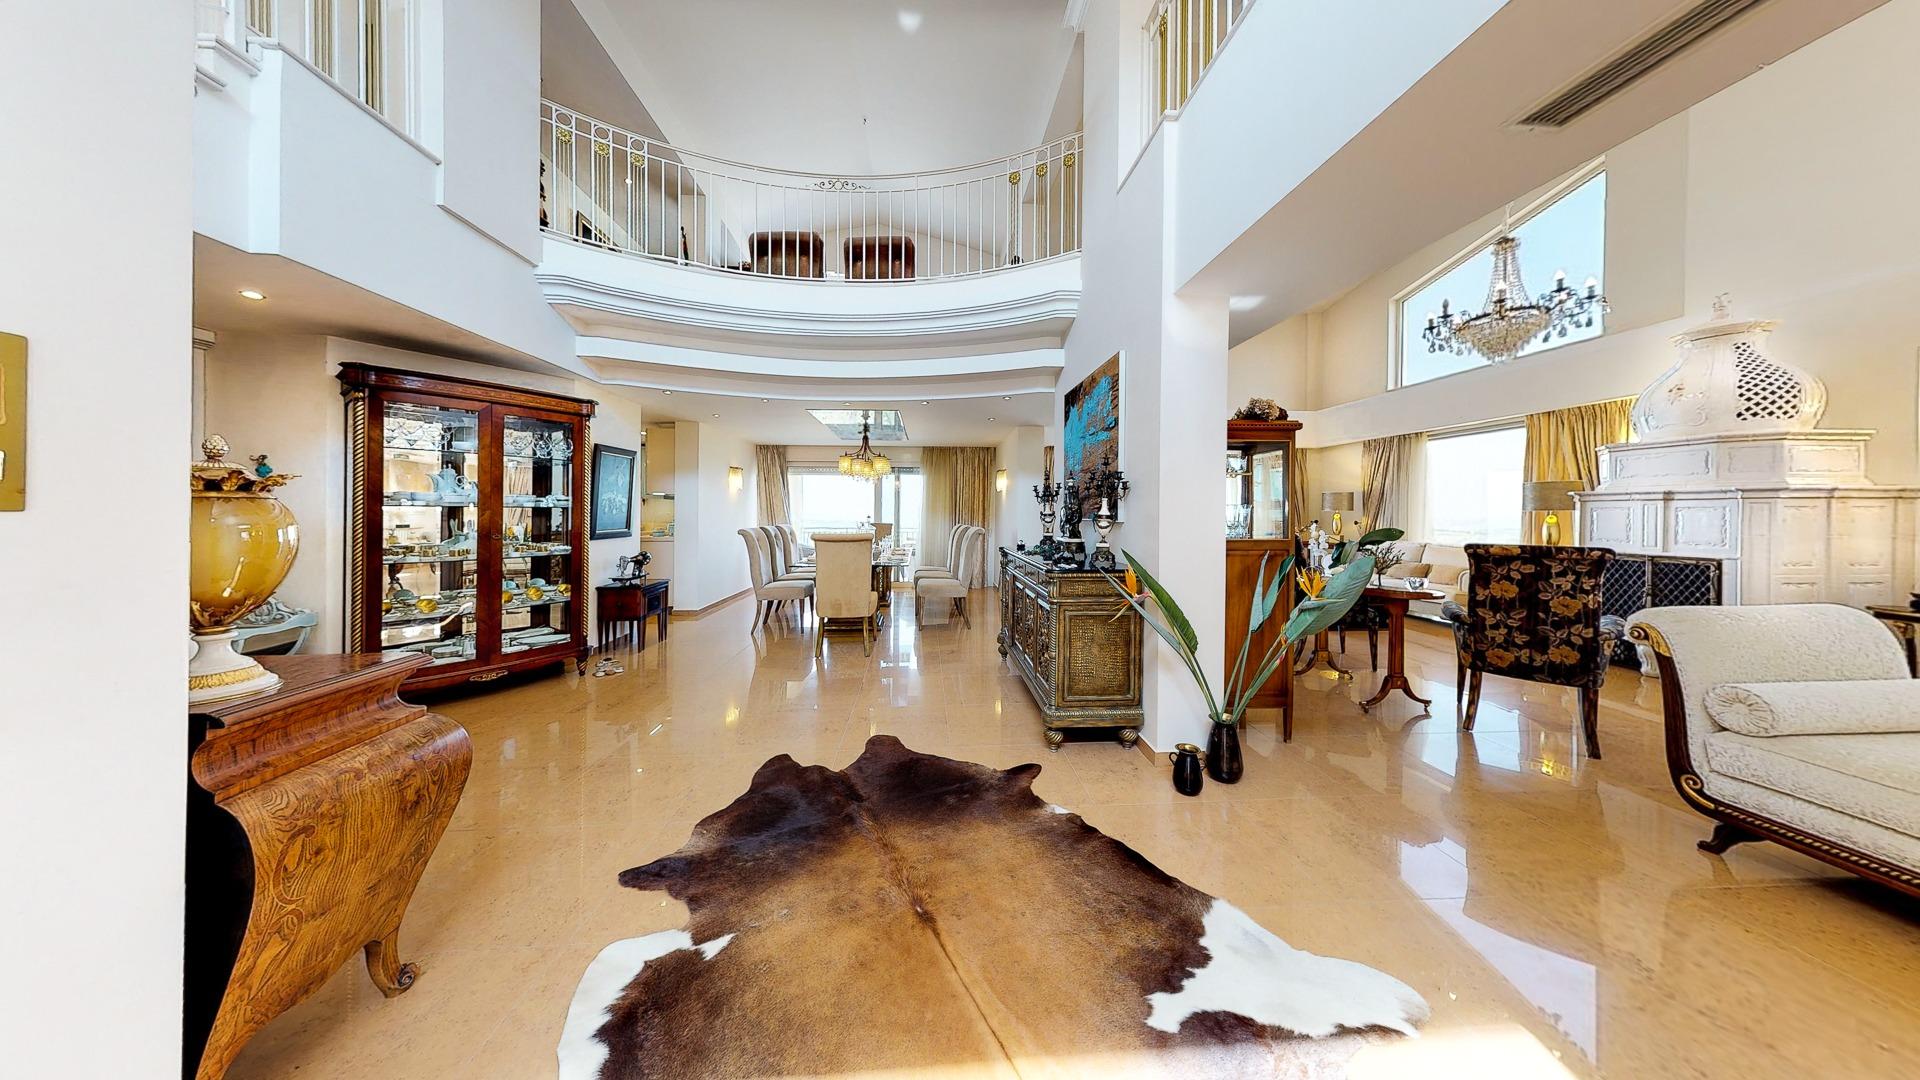 villa-allure-main-room-16